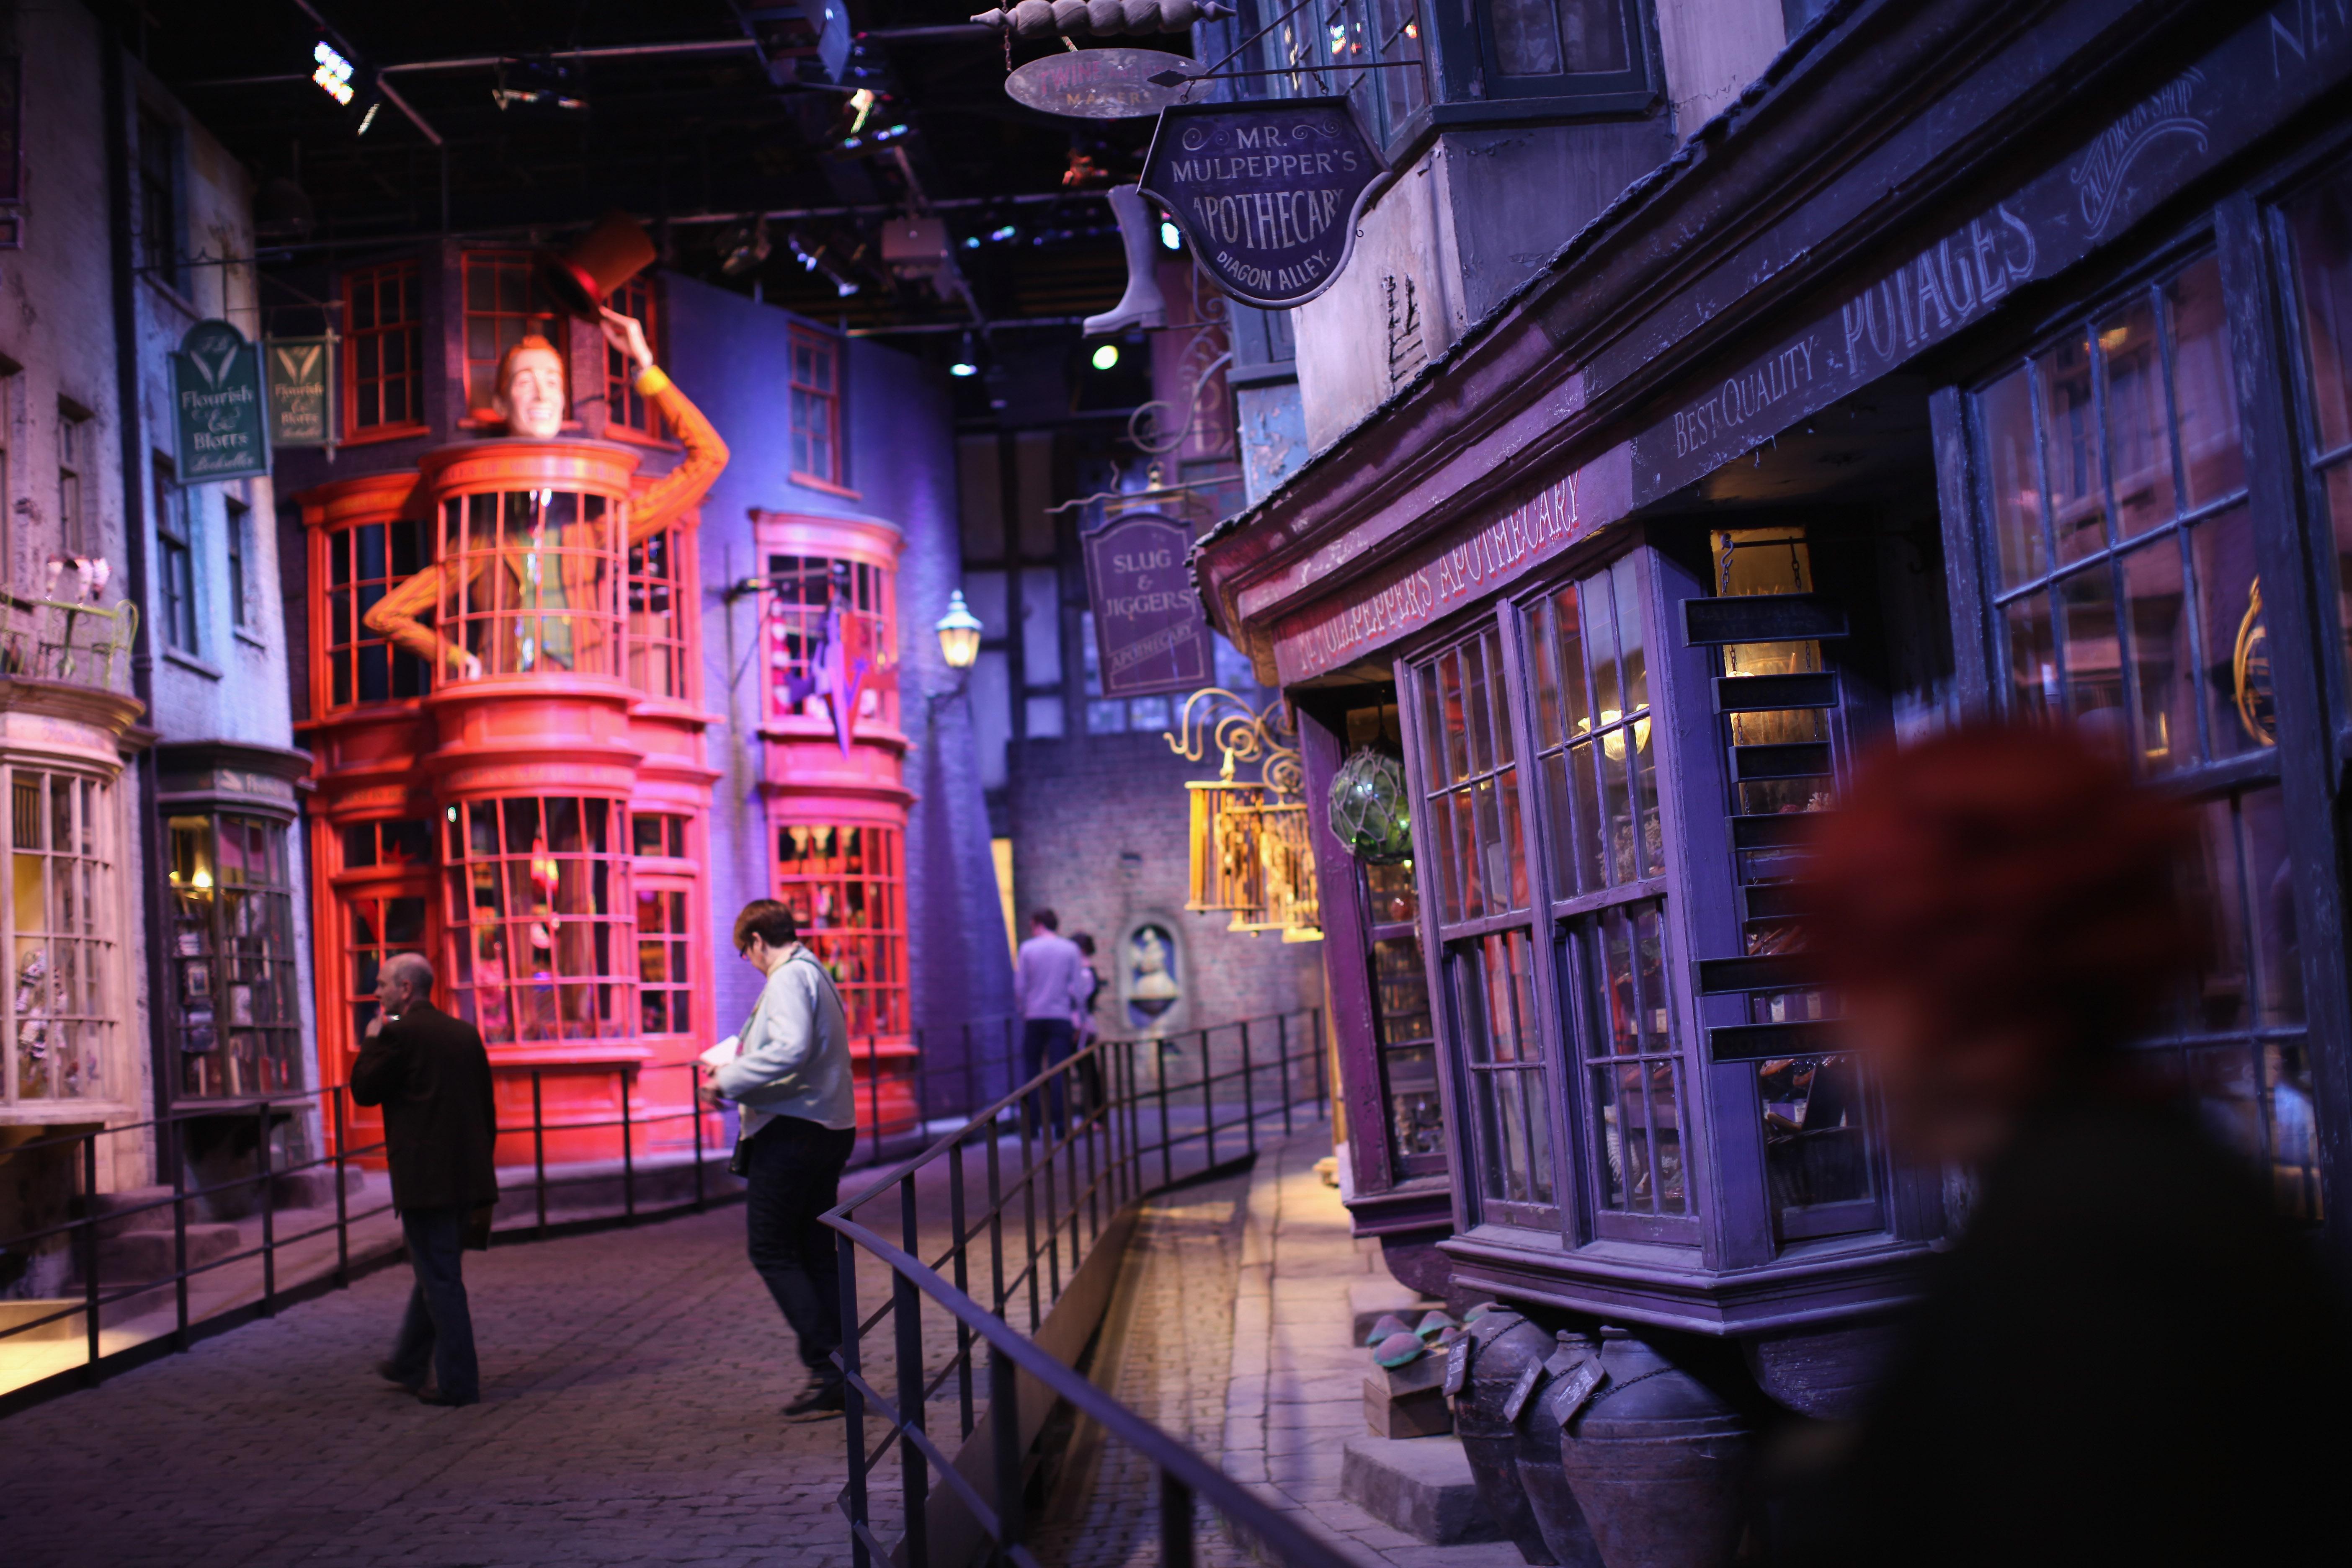 21 Universal Orlando Diagon Alley Photos Videos All Harry Potter